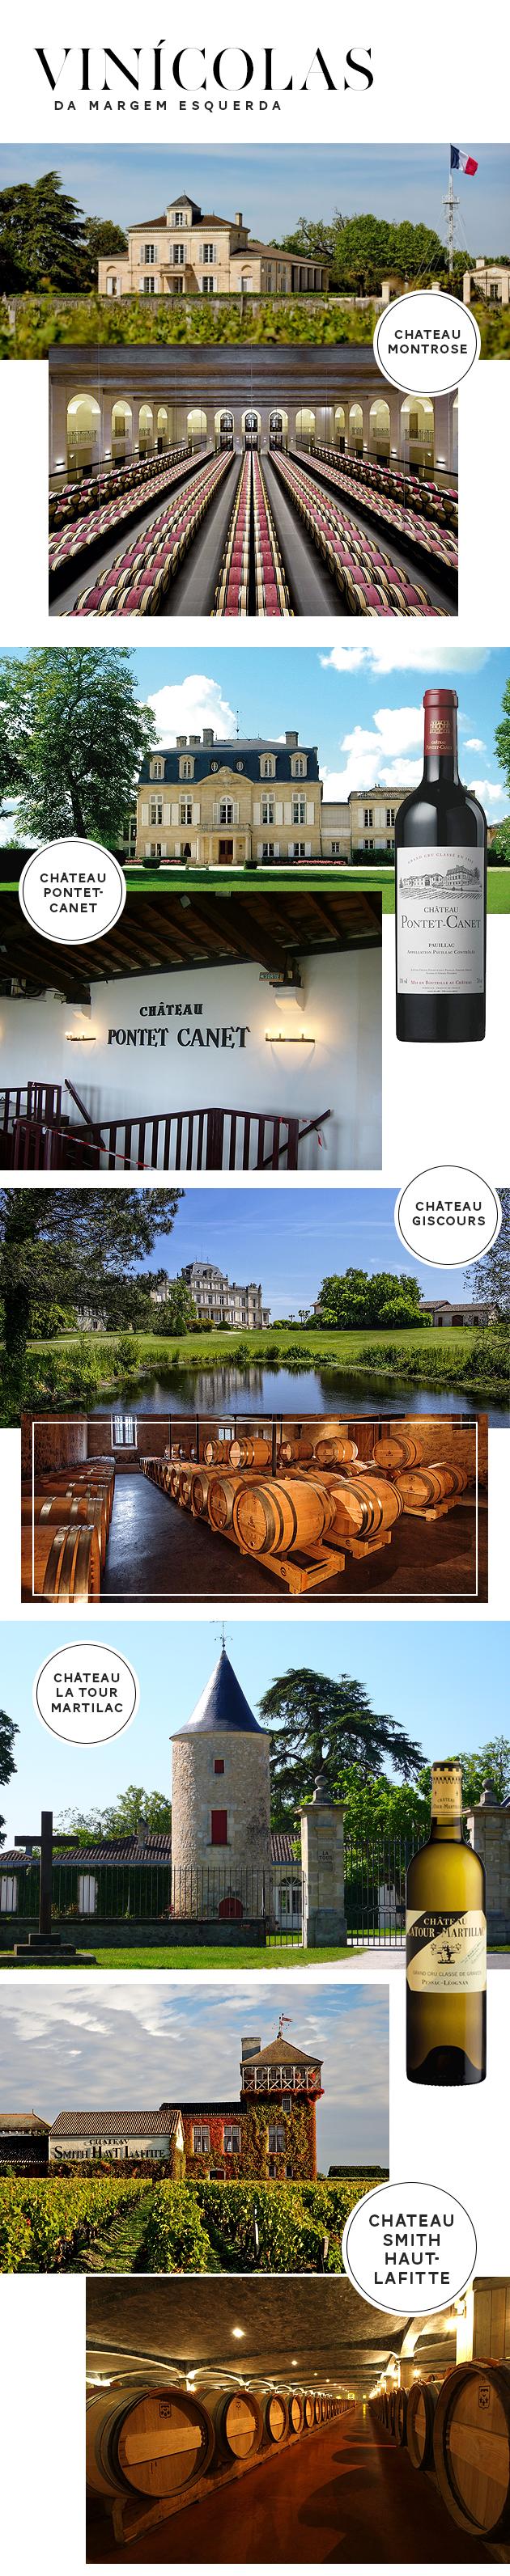 Vinícolas-em-Bordeaux-para-visitar-visitação-tudo-sobre-informações-dicas-onde-ir-wine-tasting-infos-informações-tudo-sobre-WINE-wine-taste-tasting-degustação-winelovers-